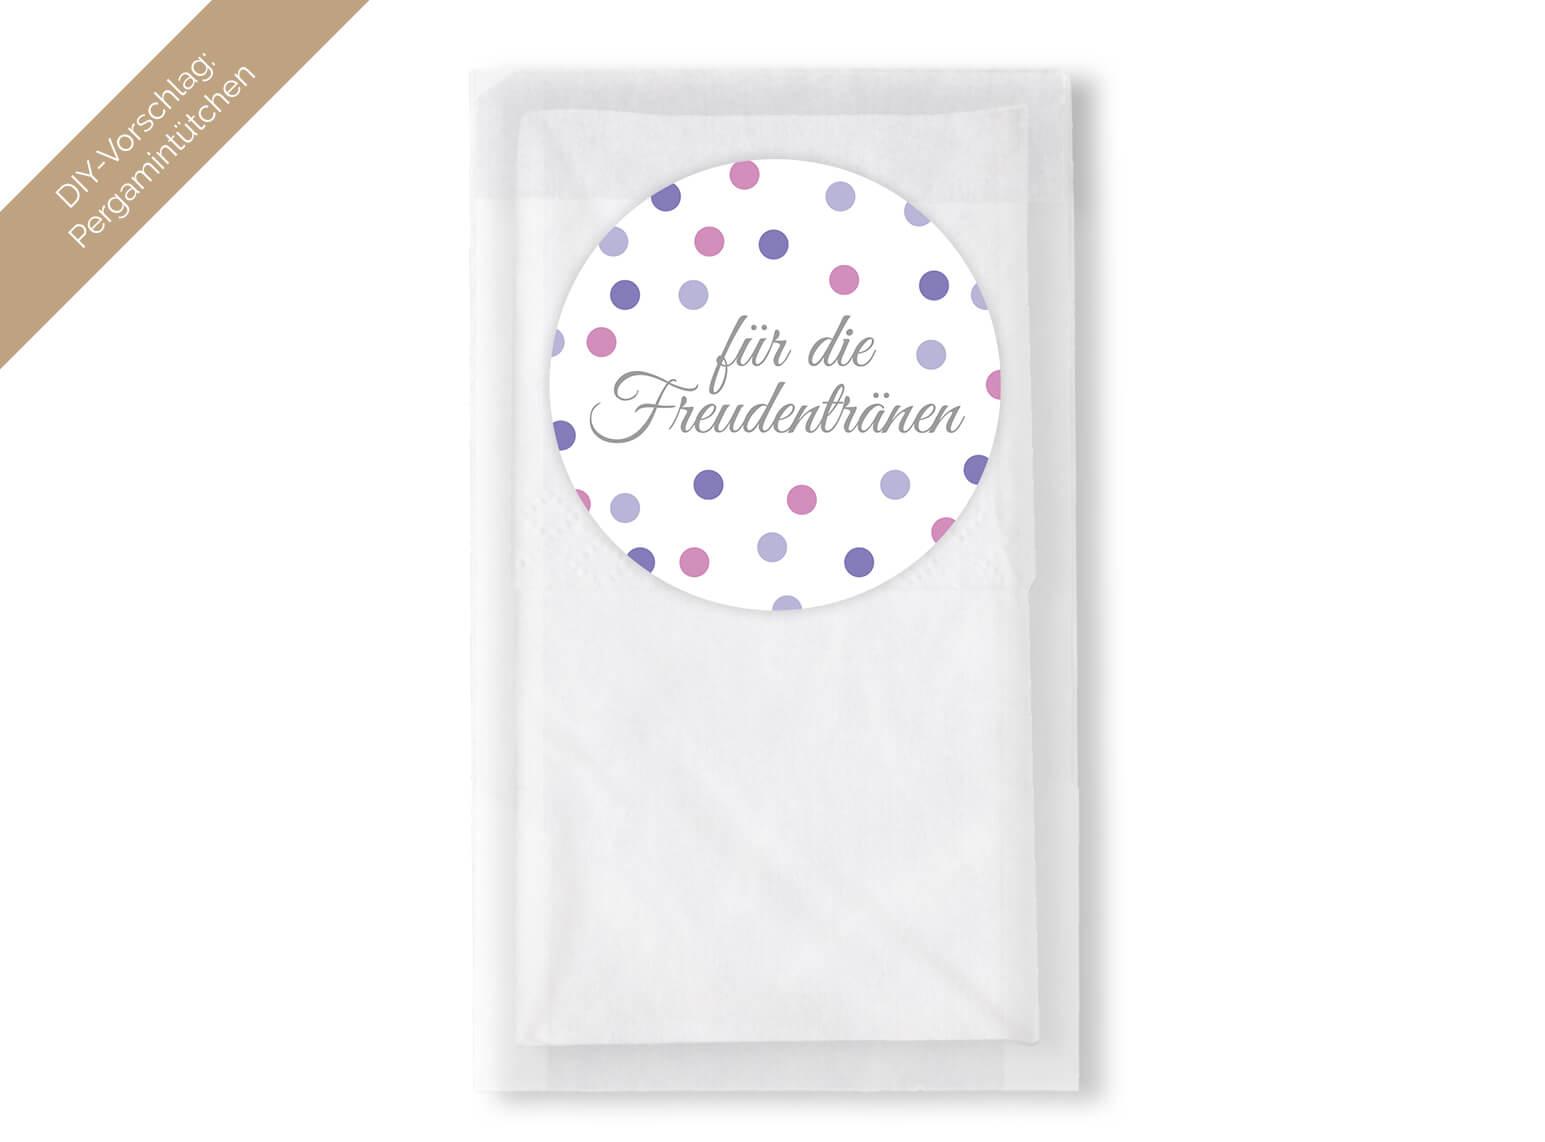 Runde Aufkleber für die Freudentränen auf Pergamintütchen mit Taschentüchern